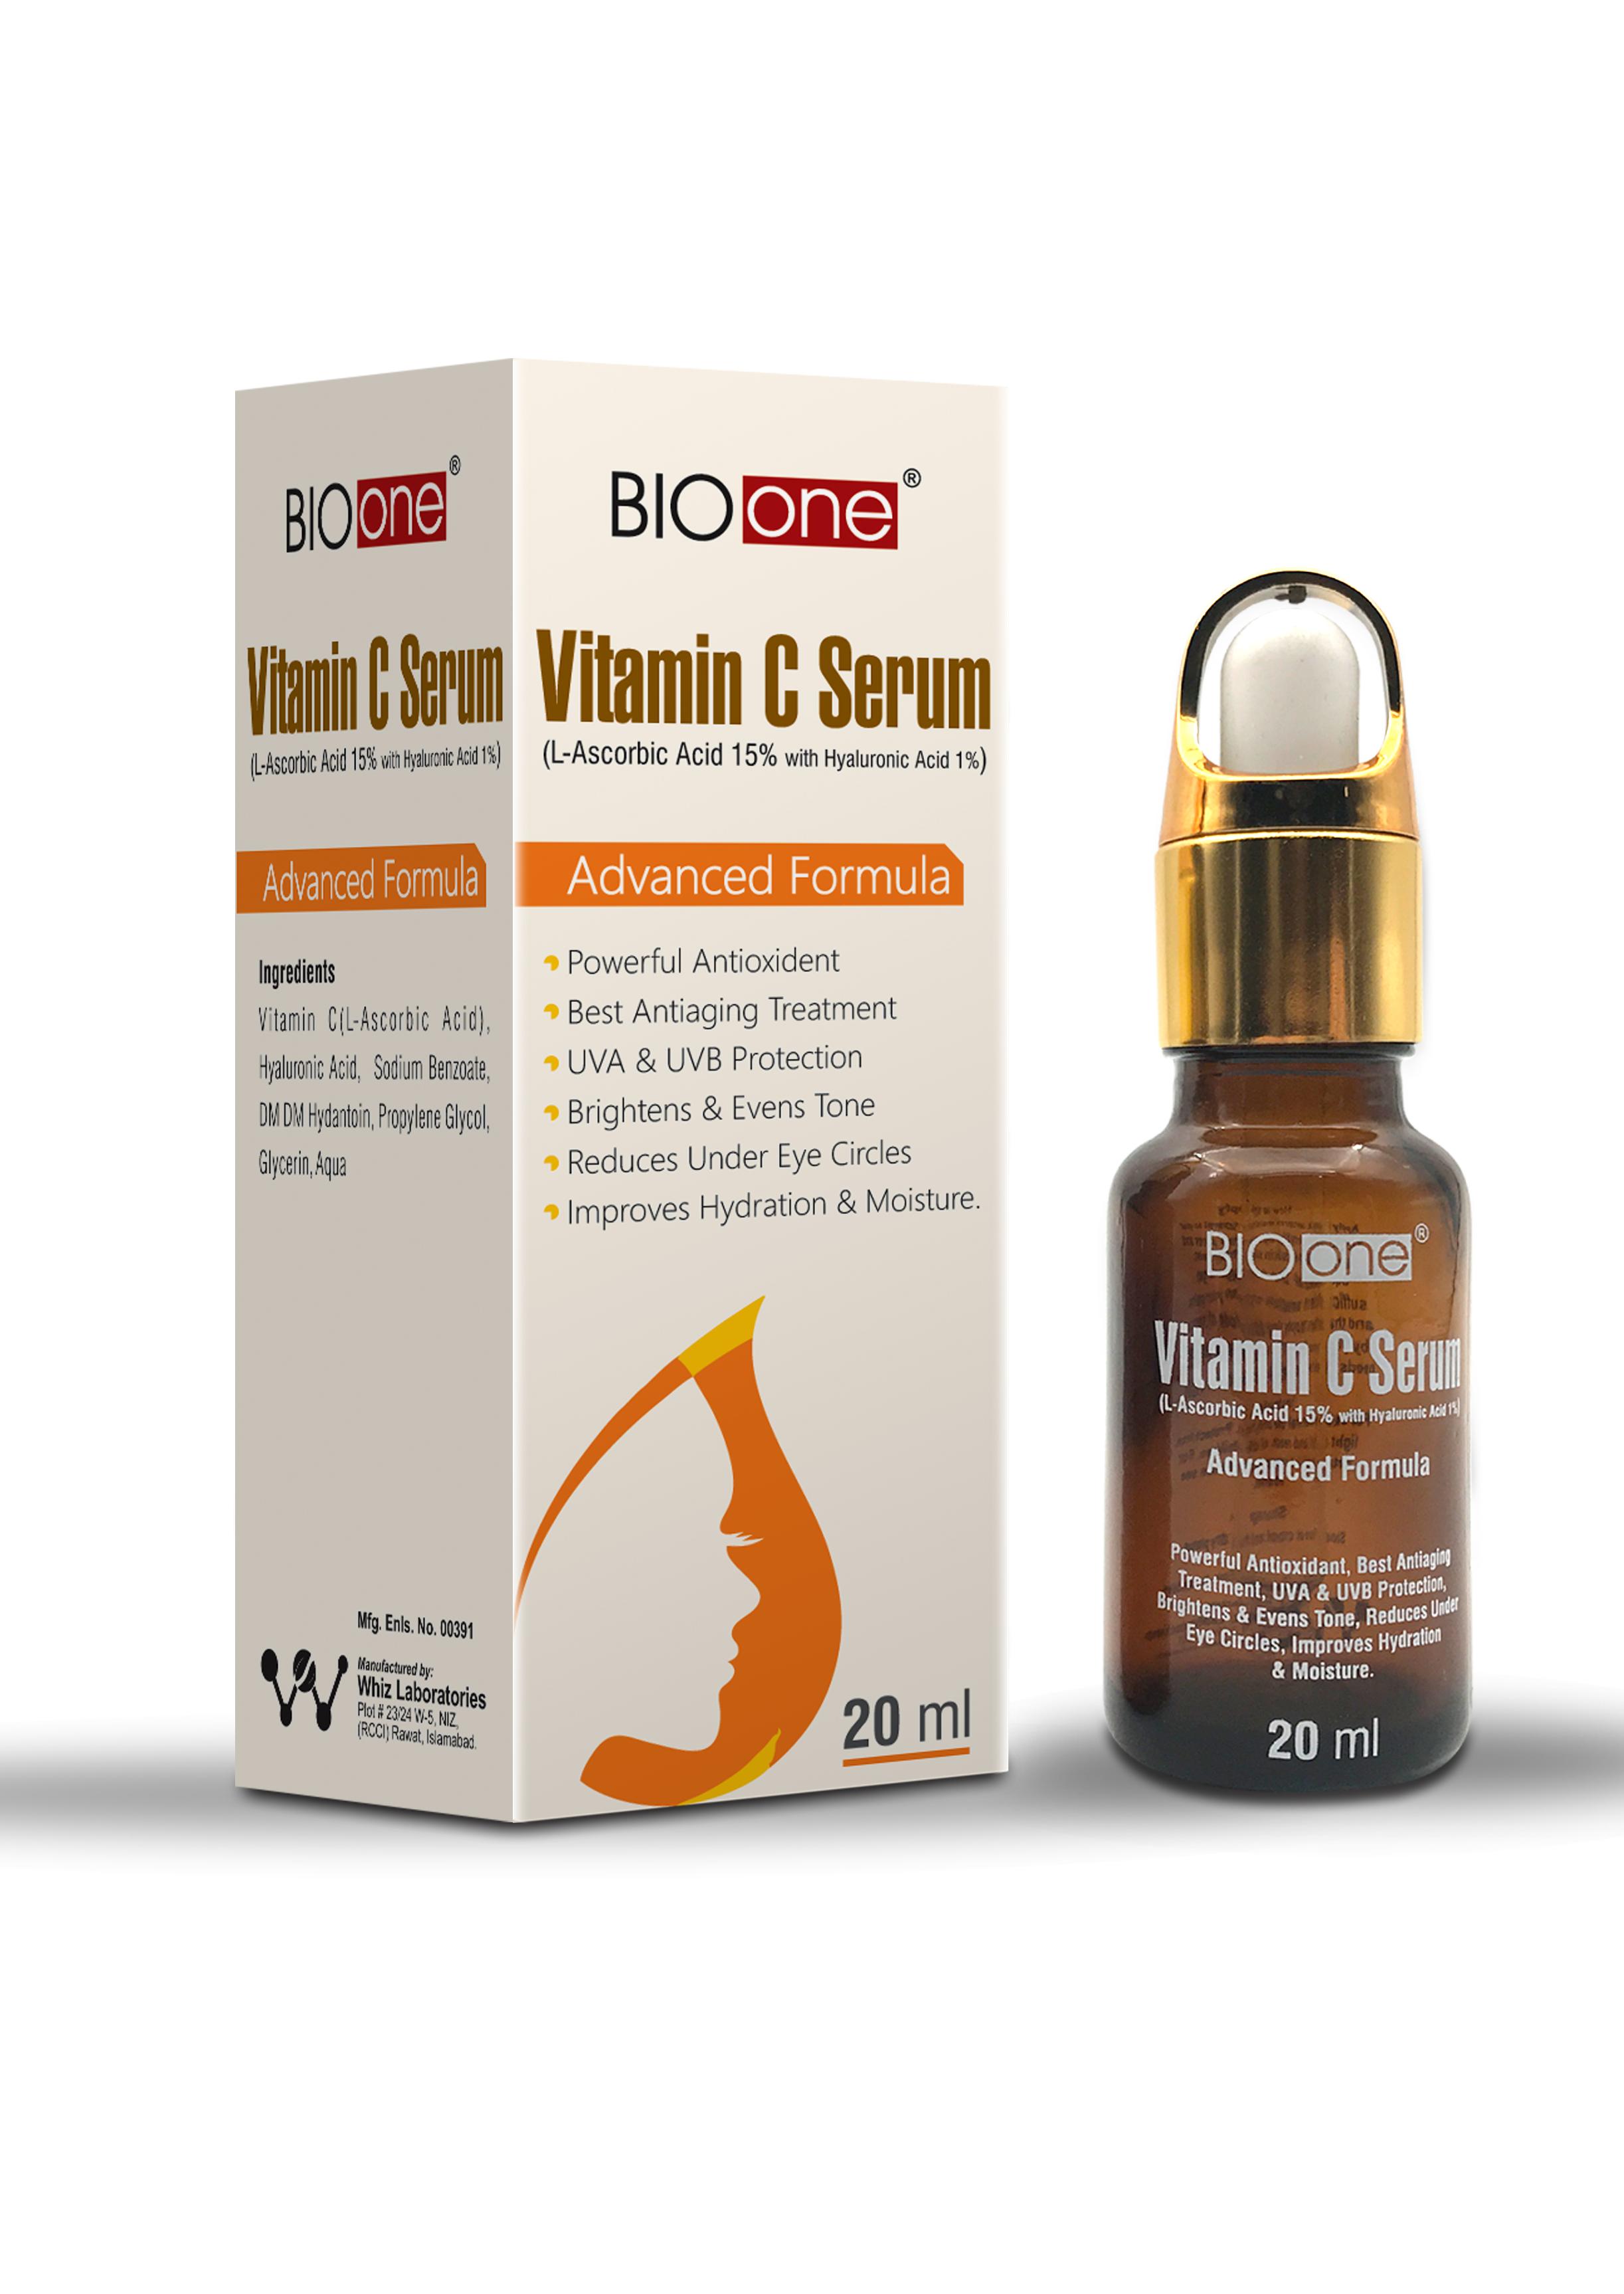 Bio One Vitamin C Serum Whiz Laboratories